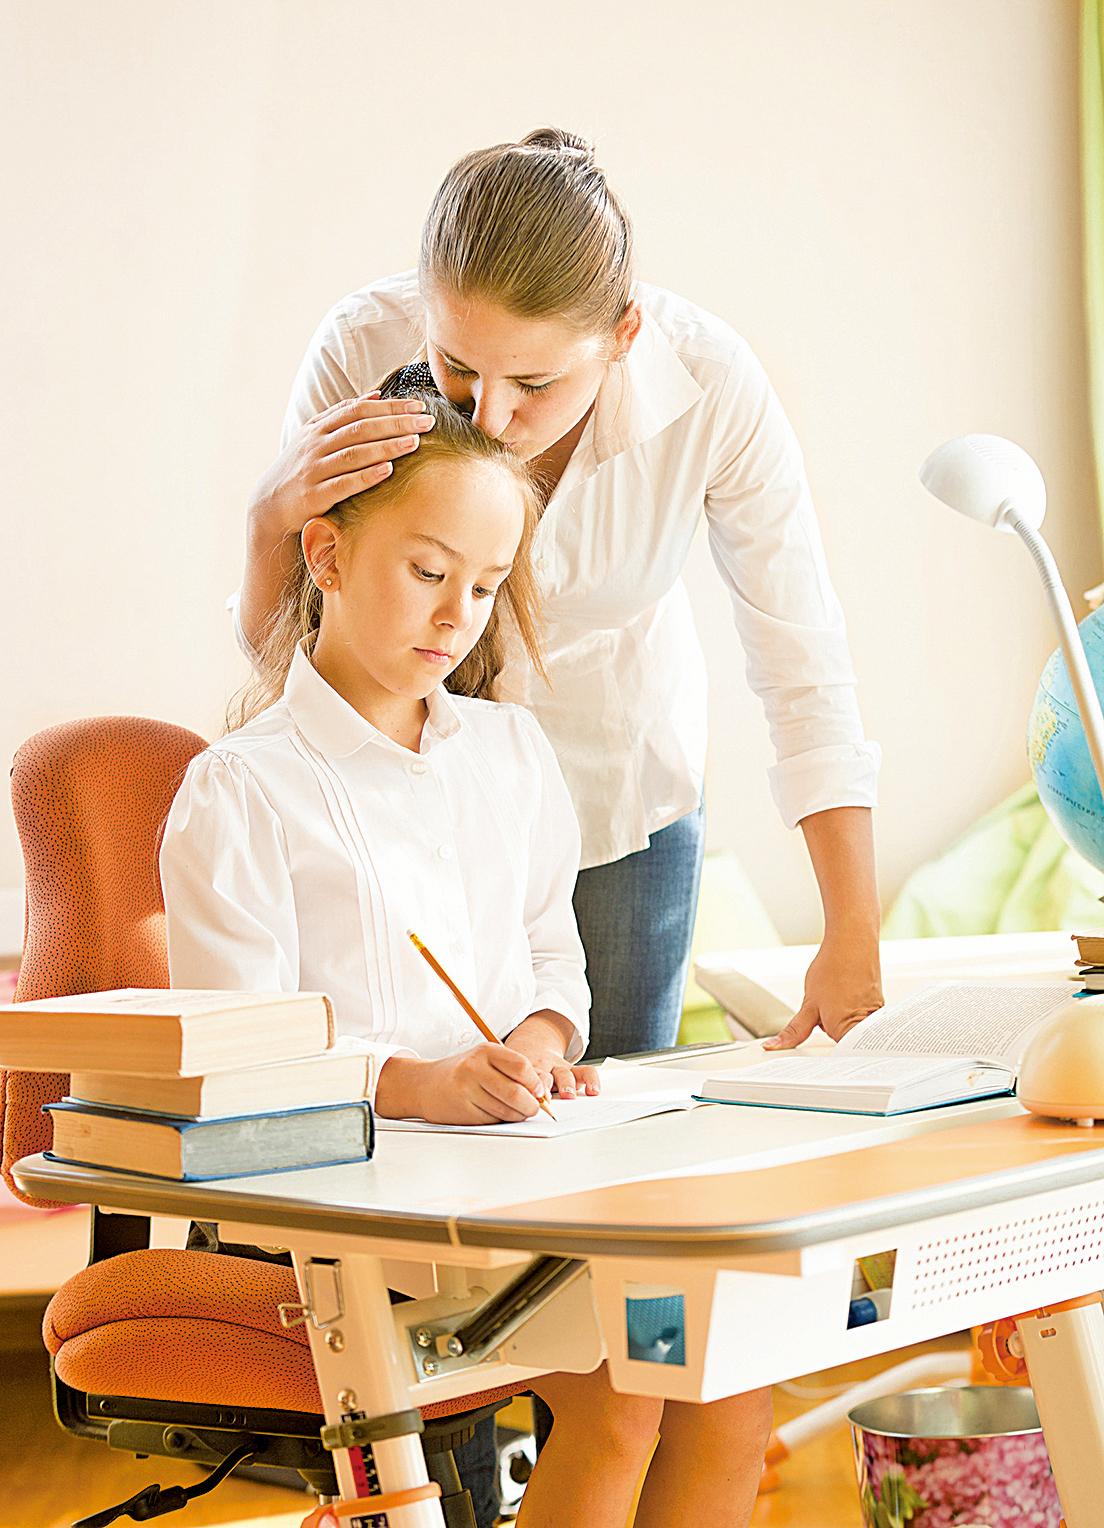 母親擁抱、讚美正在做功課的女兒。(fotolia)